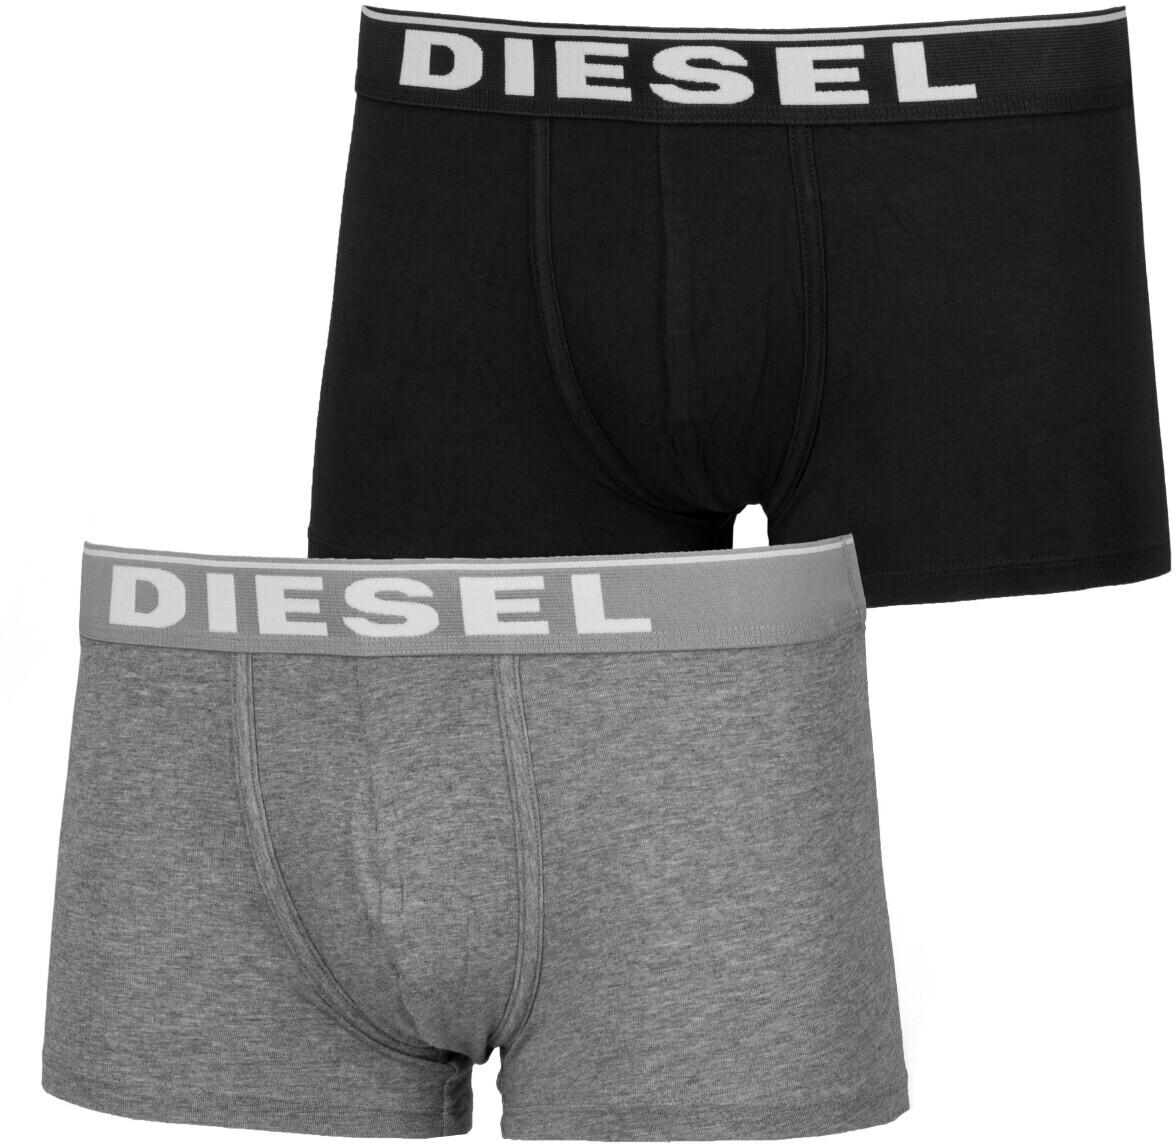 Image of Diesel 2-Pack Damien black/grey (00SMKX-0JKKB-E4084)